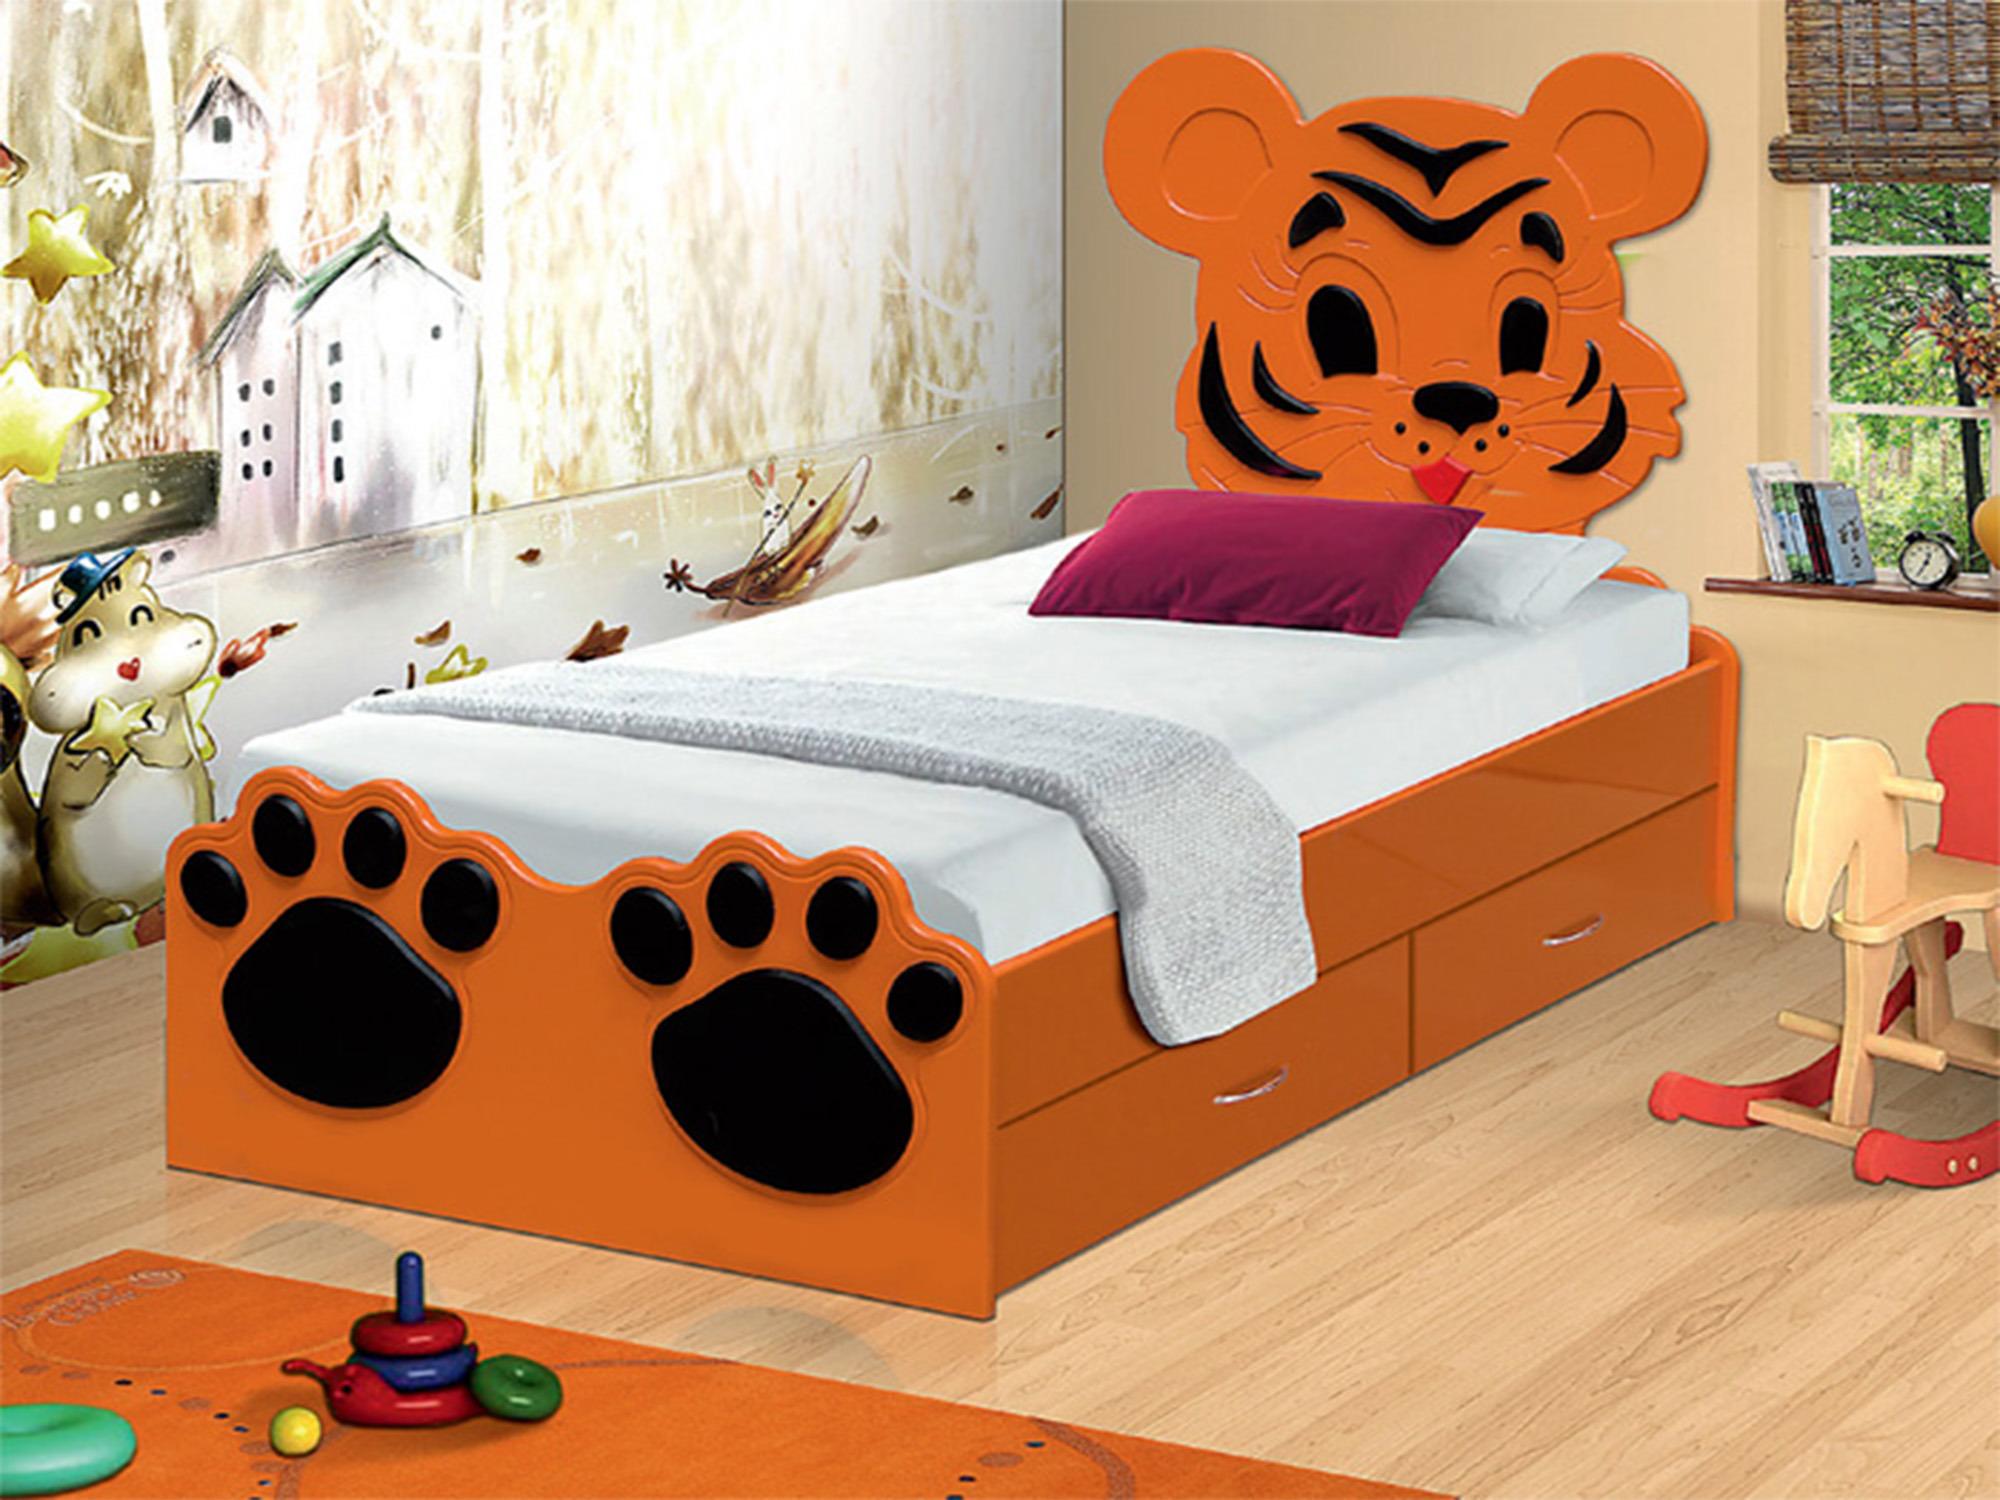 Кровать Тигренок с ящикамиДетские кровати<br><br><br>Длина мм: 875<br>Высота мм: 1100<br>Глубина мм: 1750